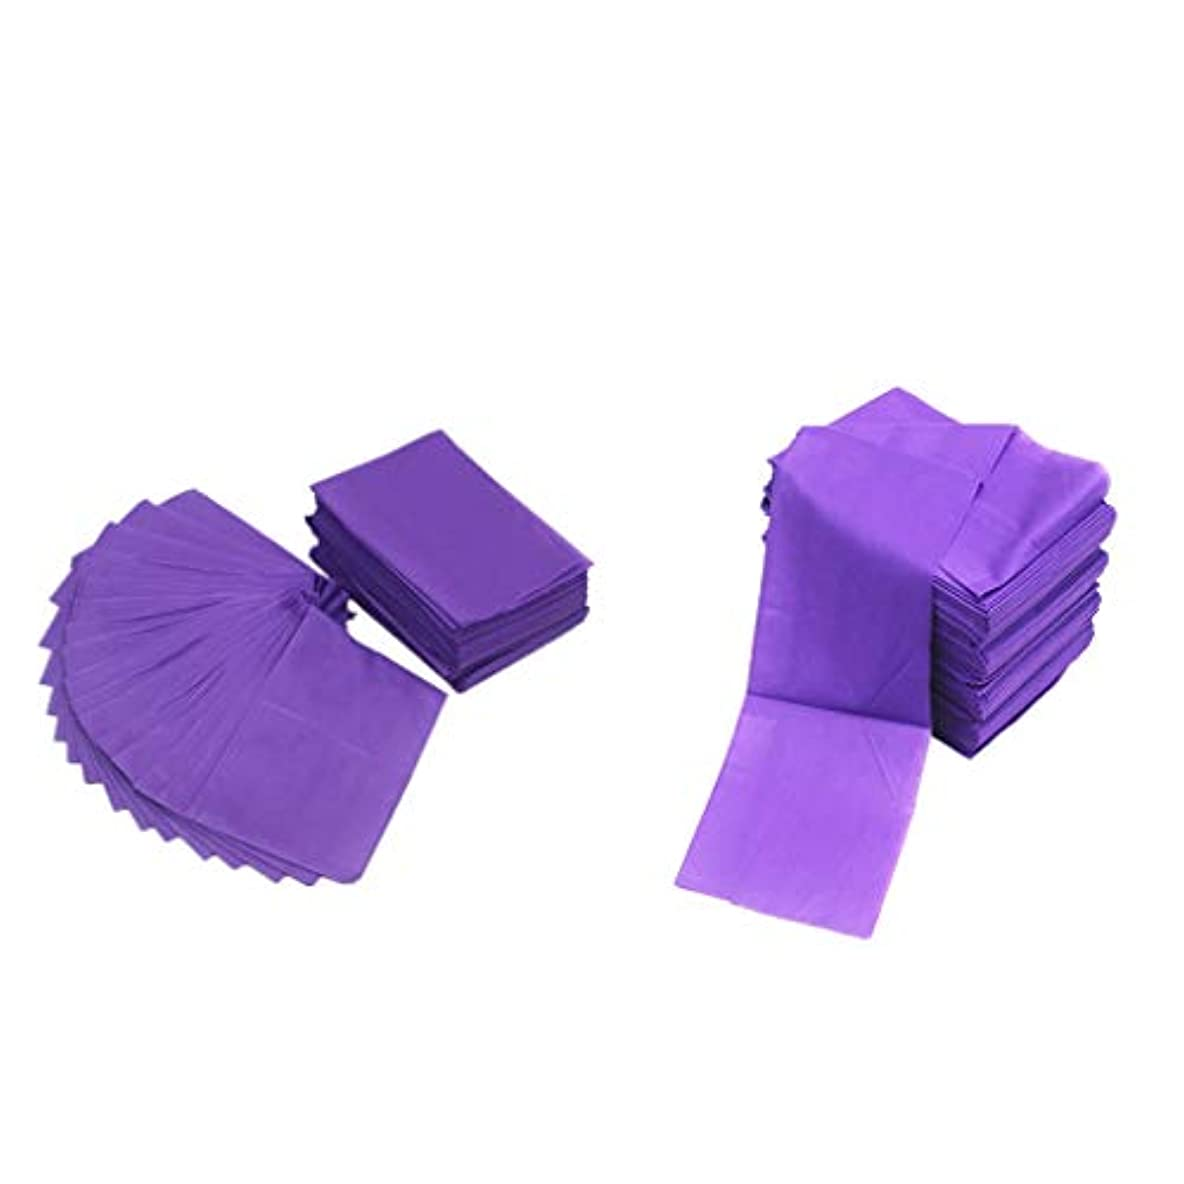 ぜいたく虫を数える顕著dailymall 失禁、マッサージテーブルシートのための20部分の不織布使い捨てシーツペーパー